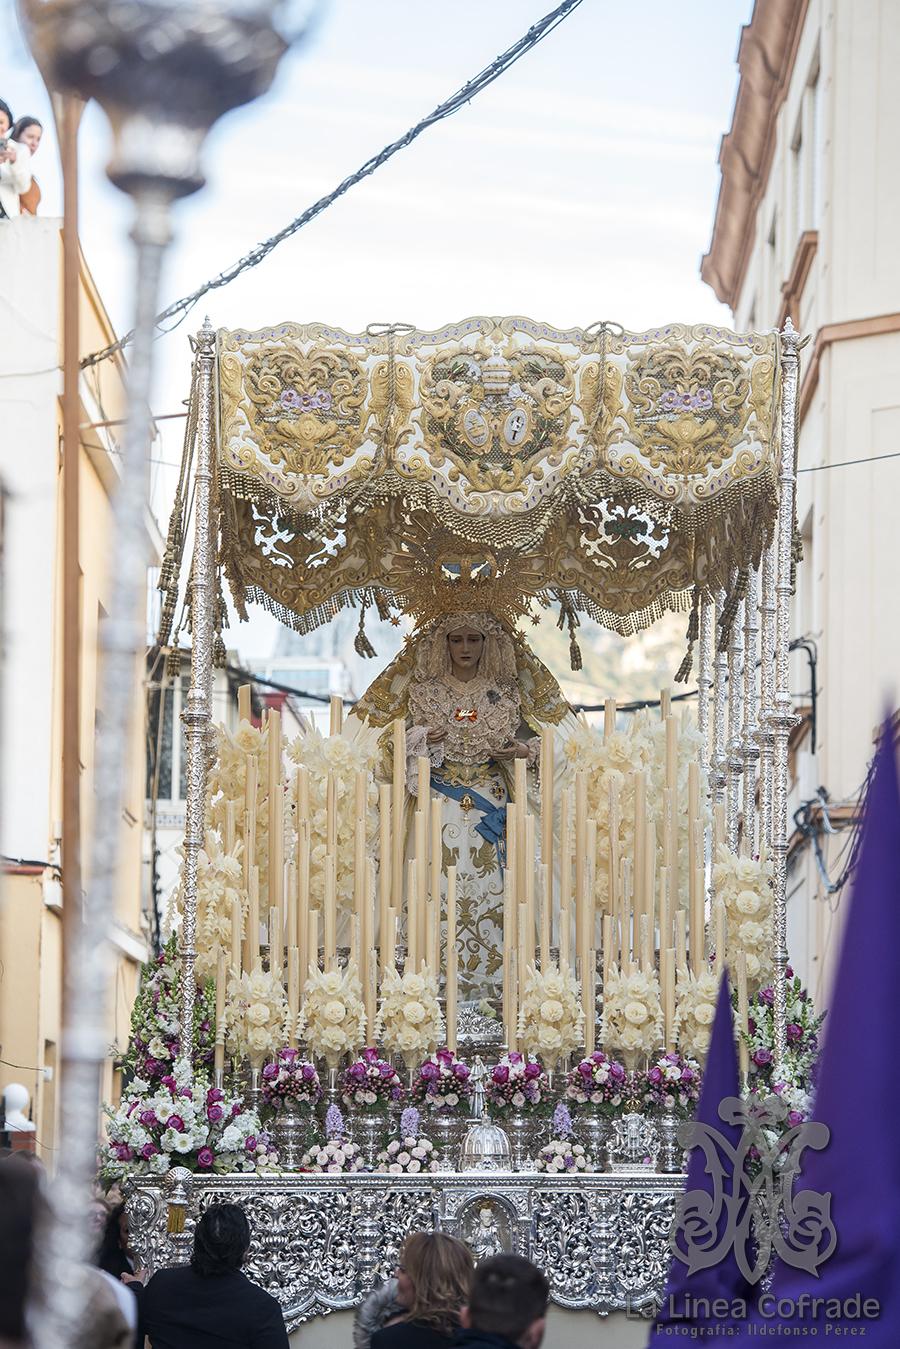 Palio de la Virgen de la Salud